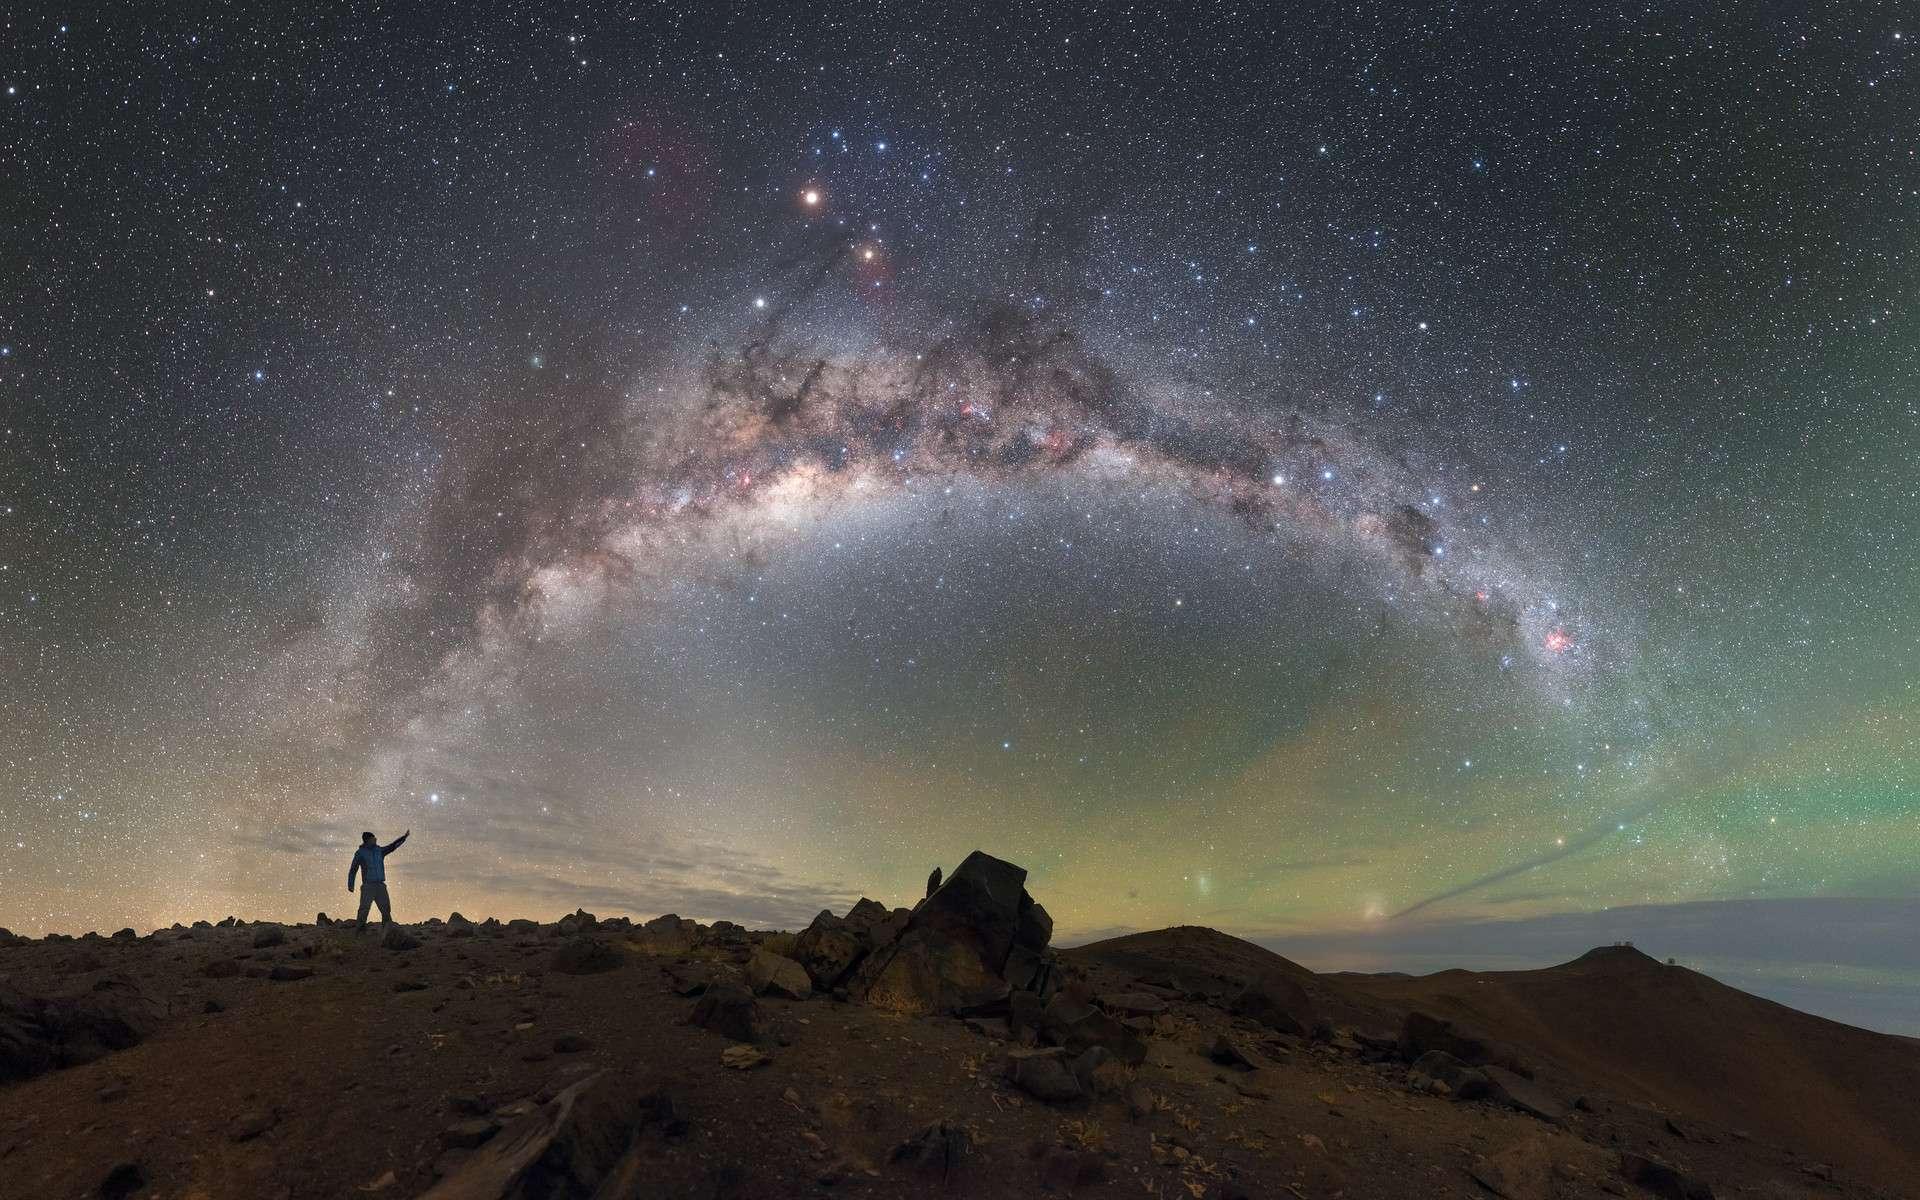 La Voie lactée, échine de la voûte céleste, photographiée ici au Chili. Au loin, à l'arrière-plan à droite, le VLT au sommet du mont Paranal (2.700 m). © P. Horálek, ESO